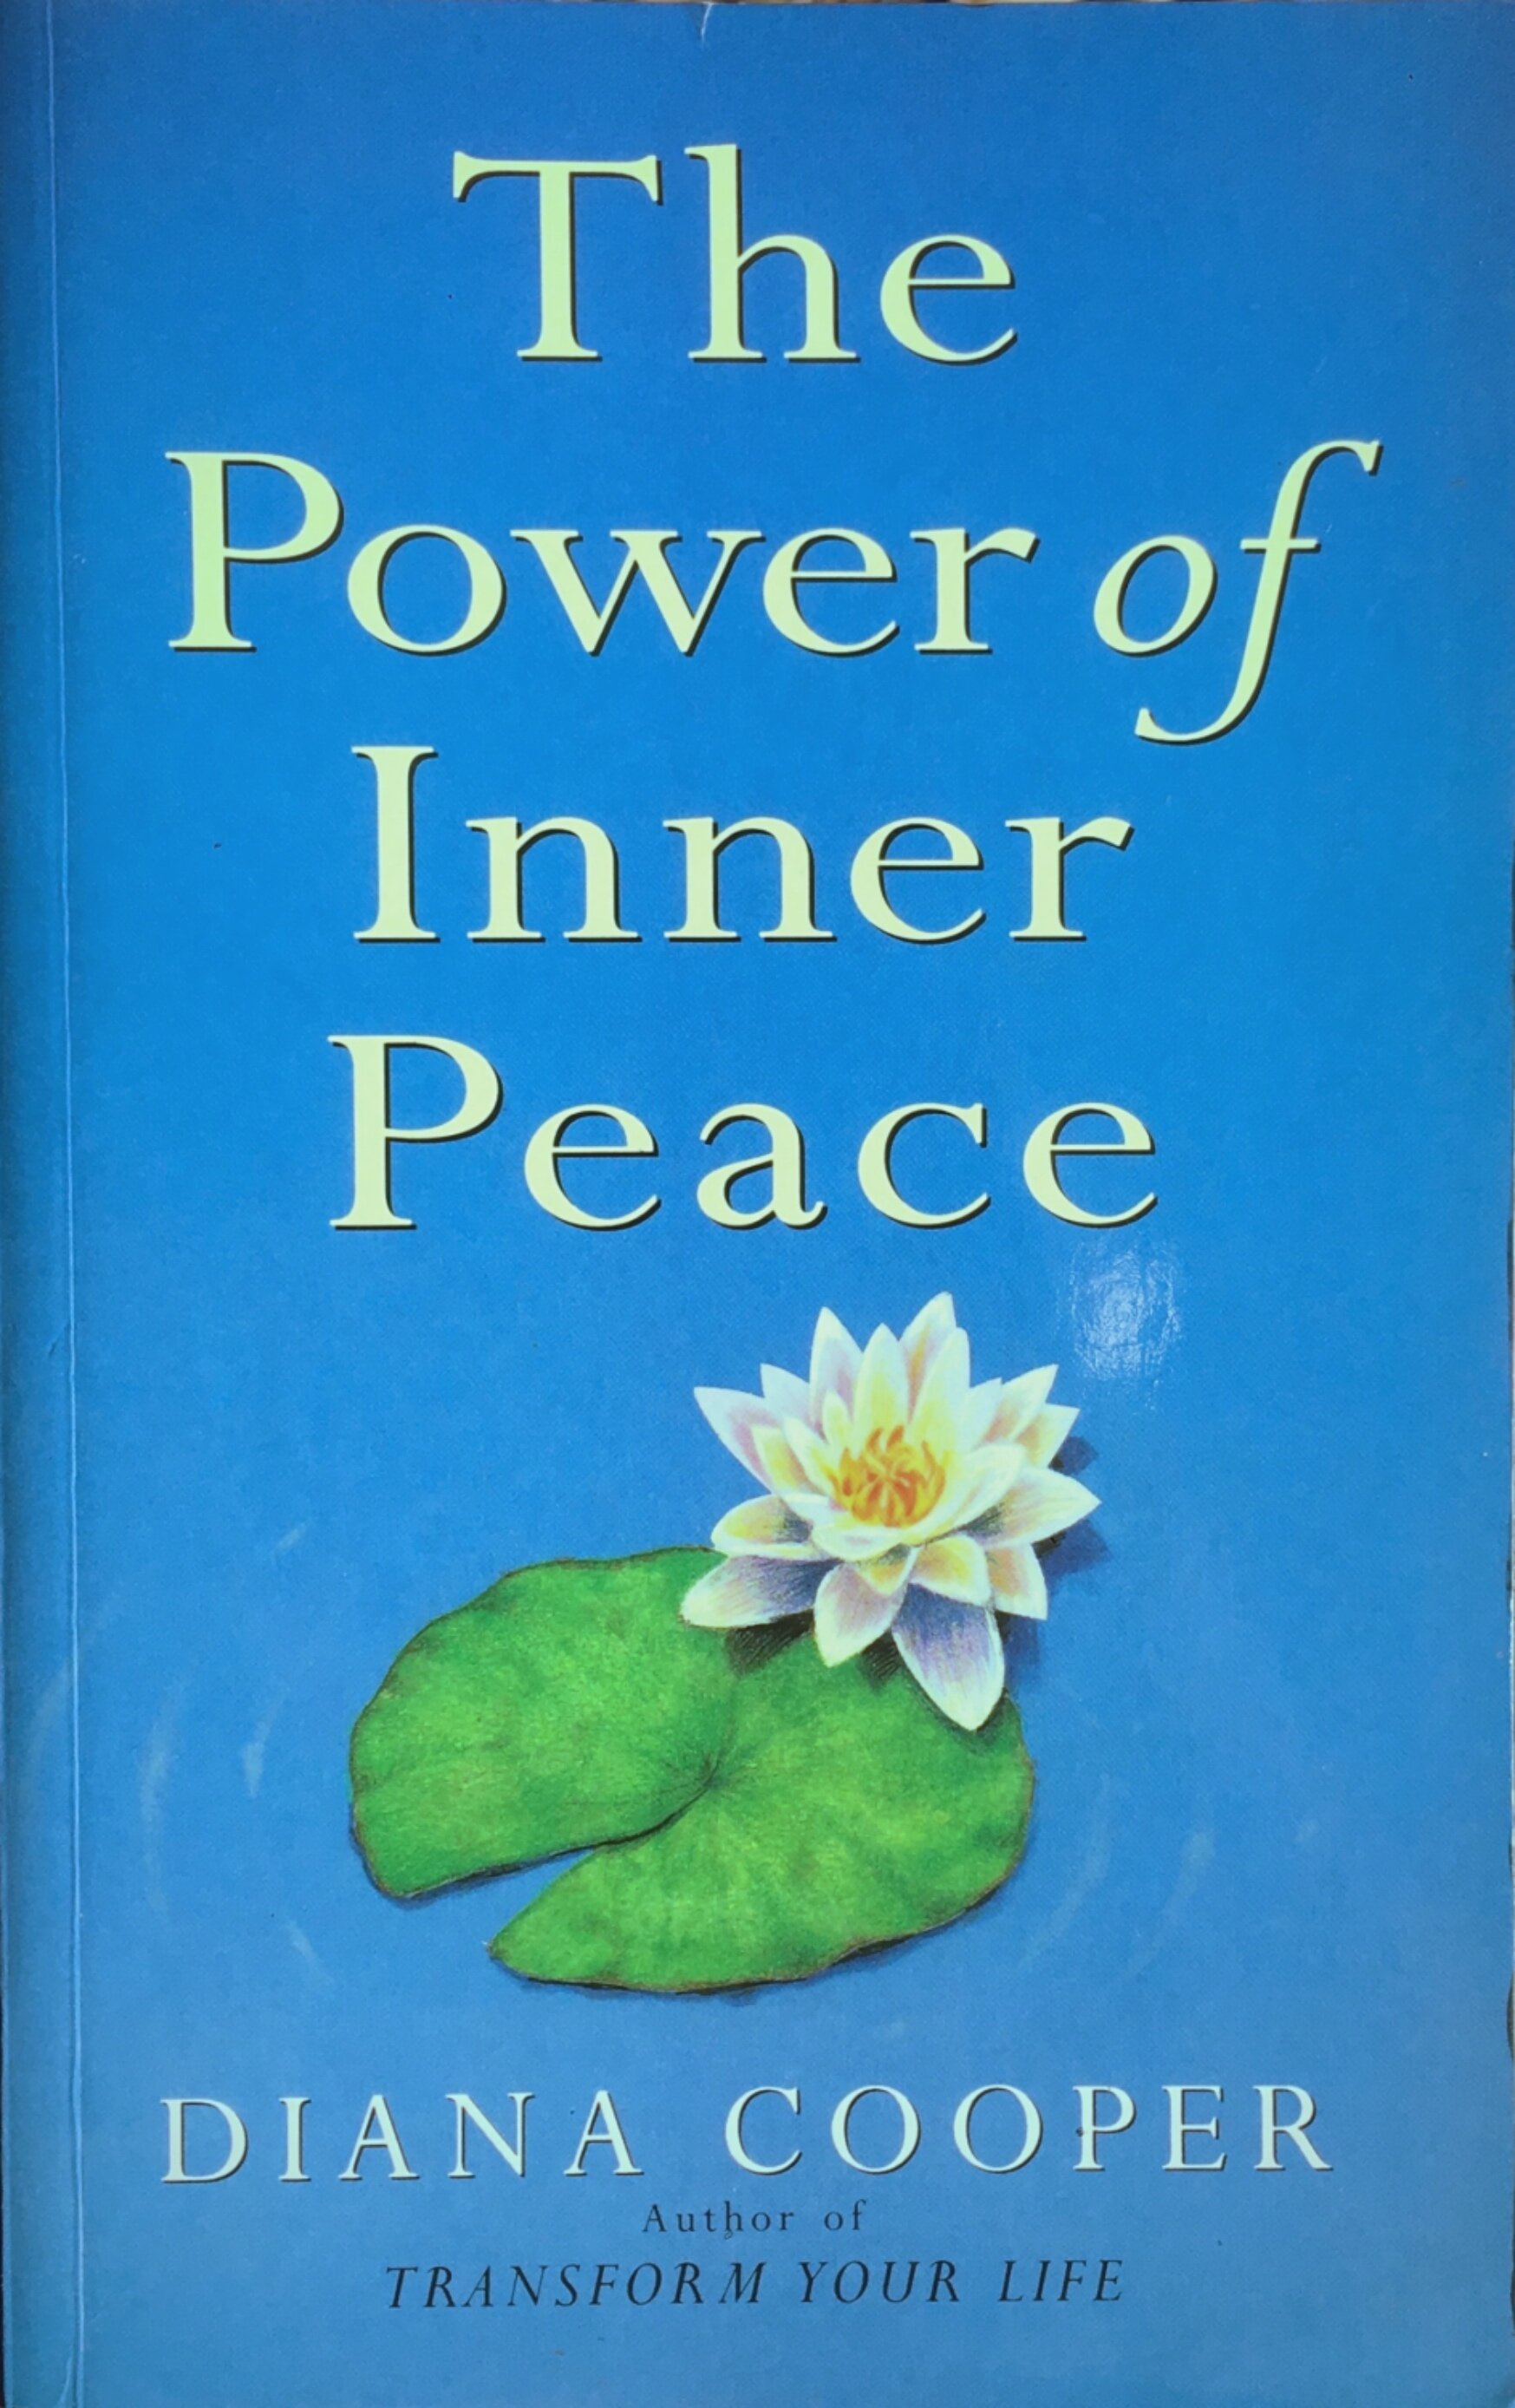 The Power of Inner Peace BOOKS.jpg